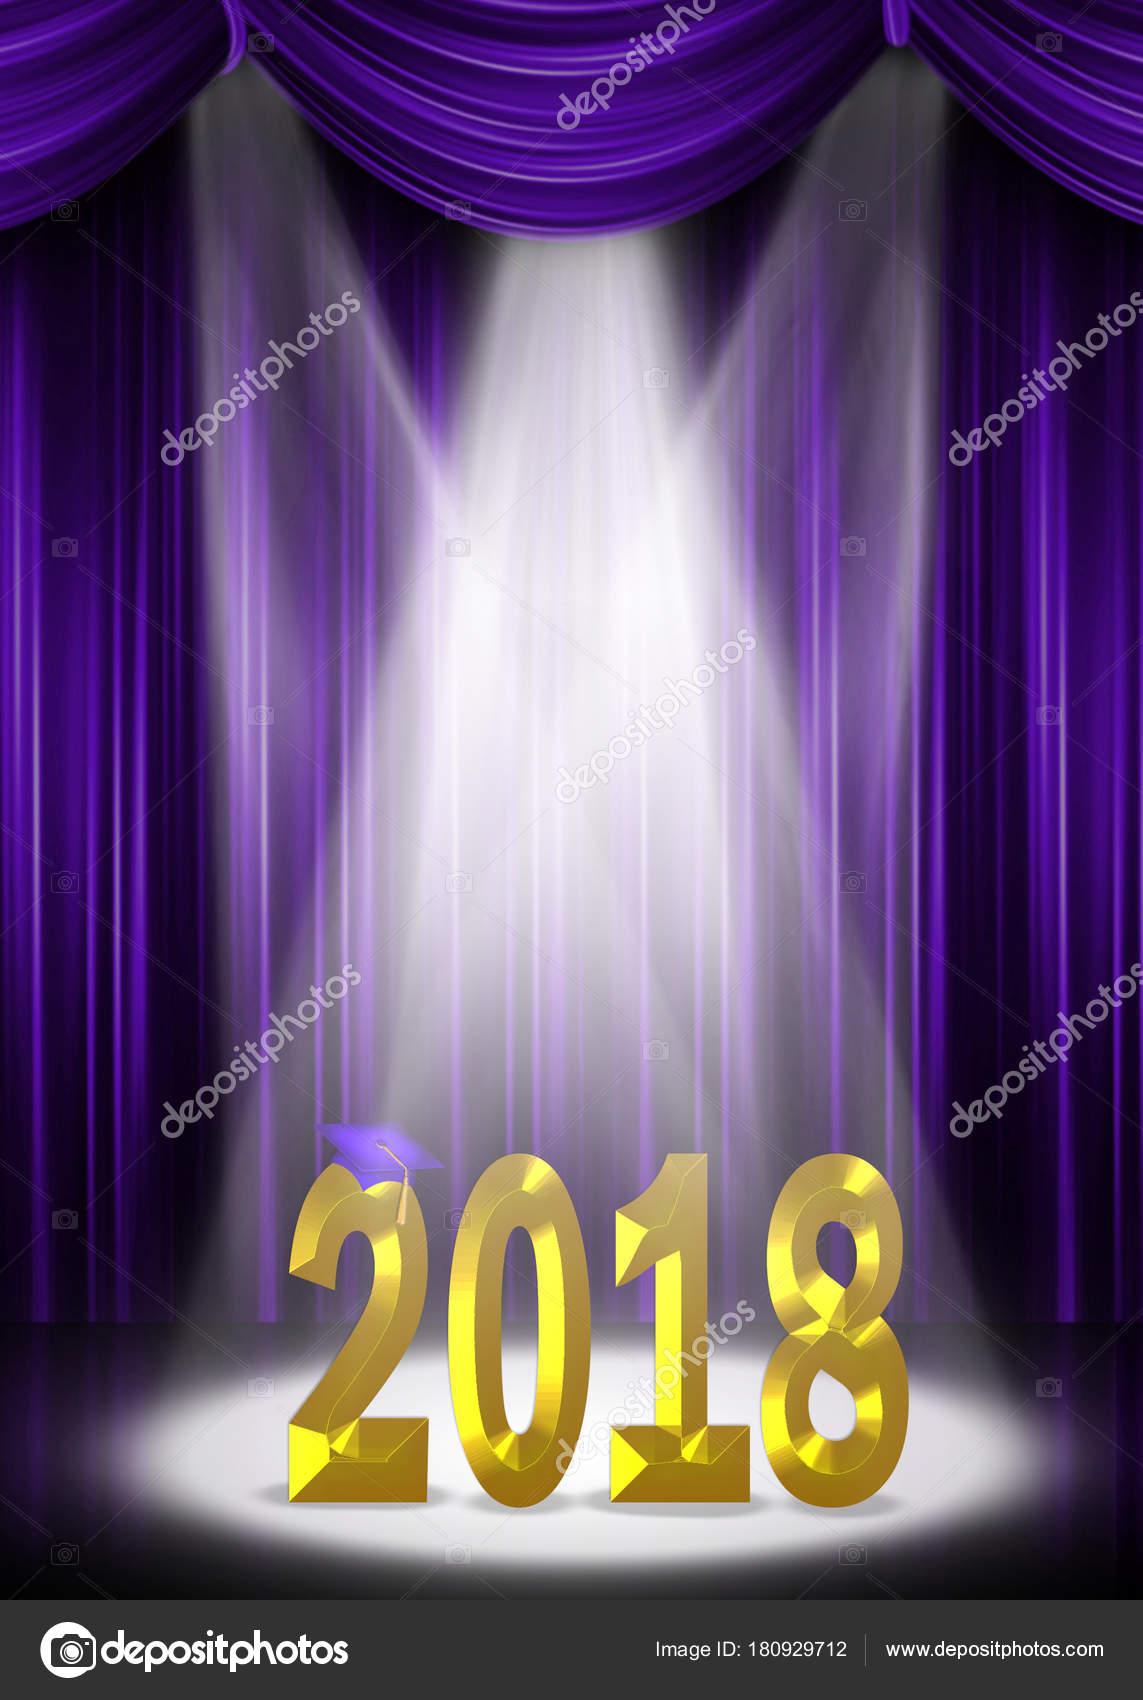 Purple Stage Curtains Gold Graduation 2018 Text Illuminating Spotlight Stock Photo